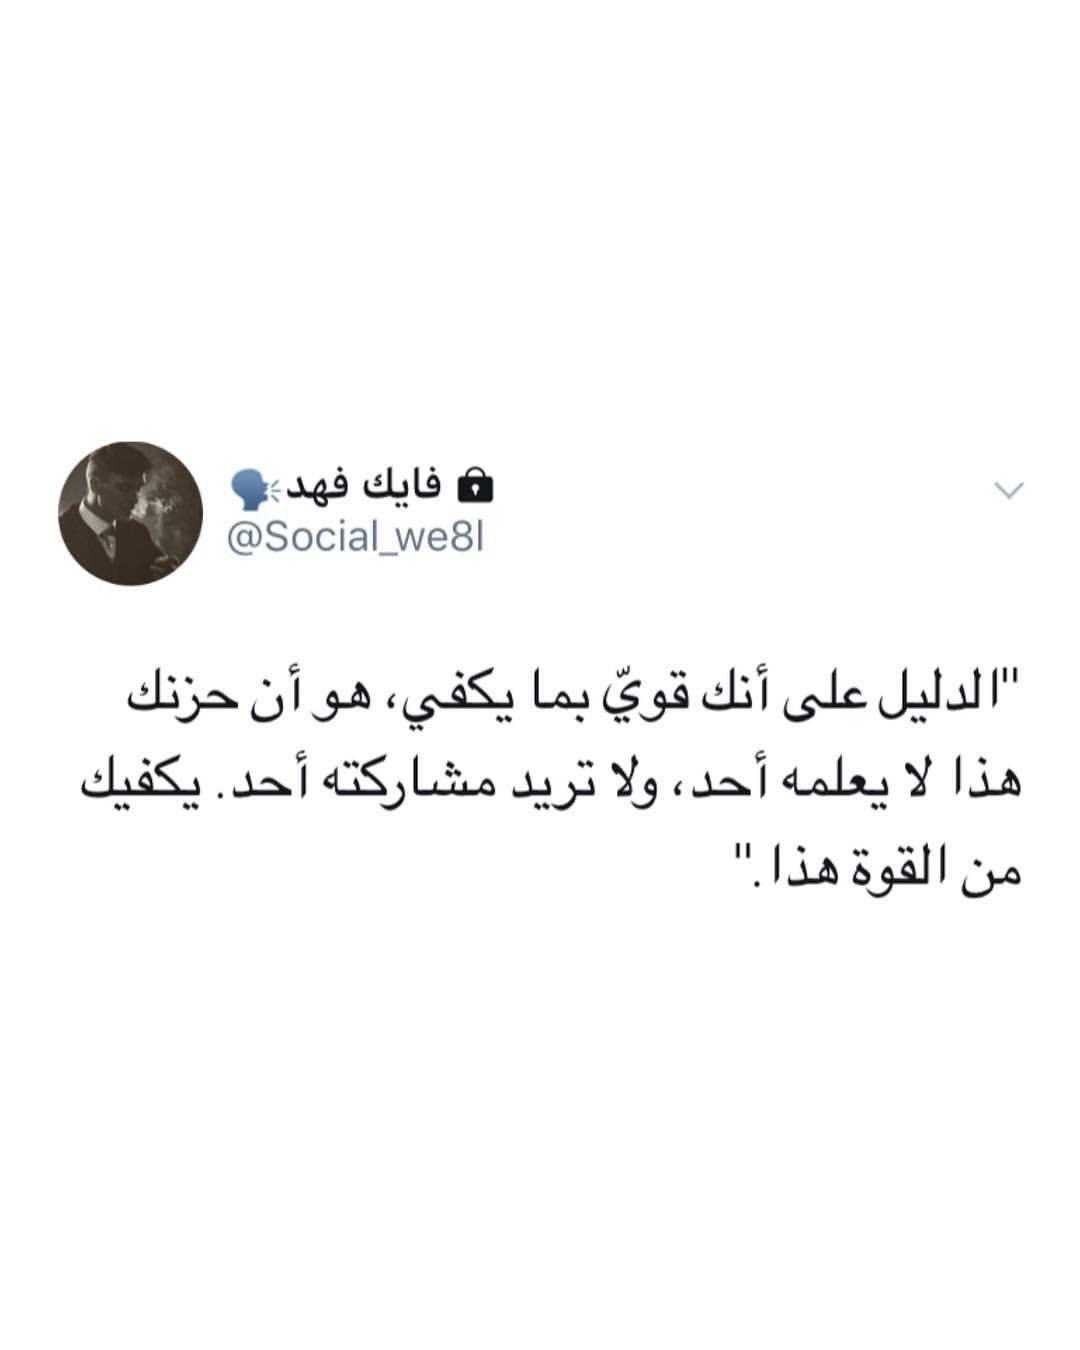 اللهم قوة منك Snapchat Quotes Life Quotes Arabic Quotes